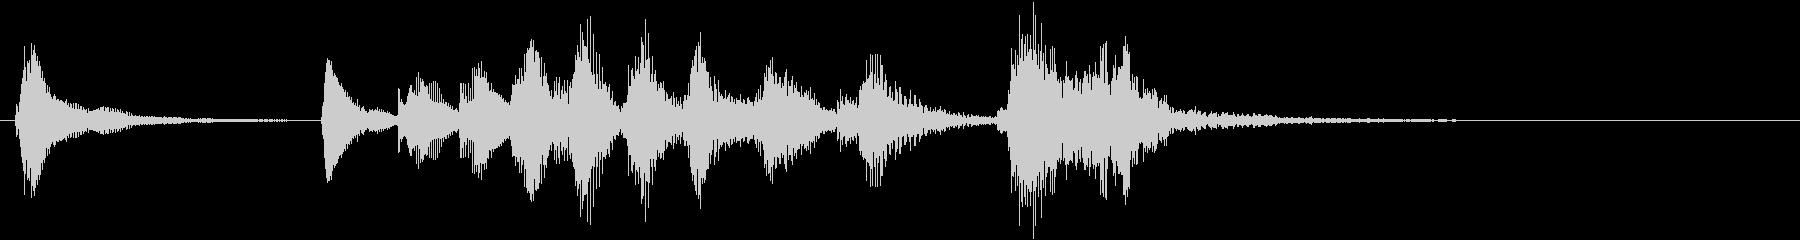 トムとジェリー風なアニメ音楽「忍び足」7の未再生の波形